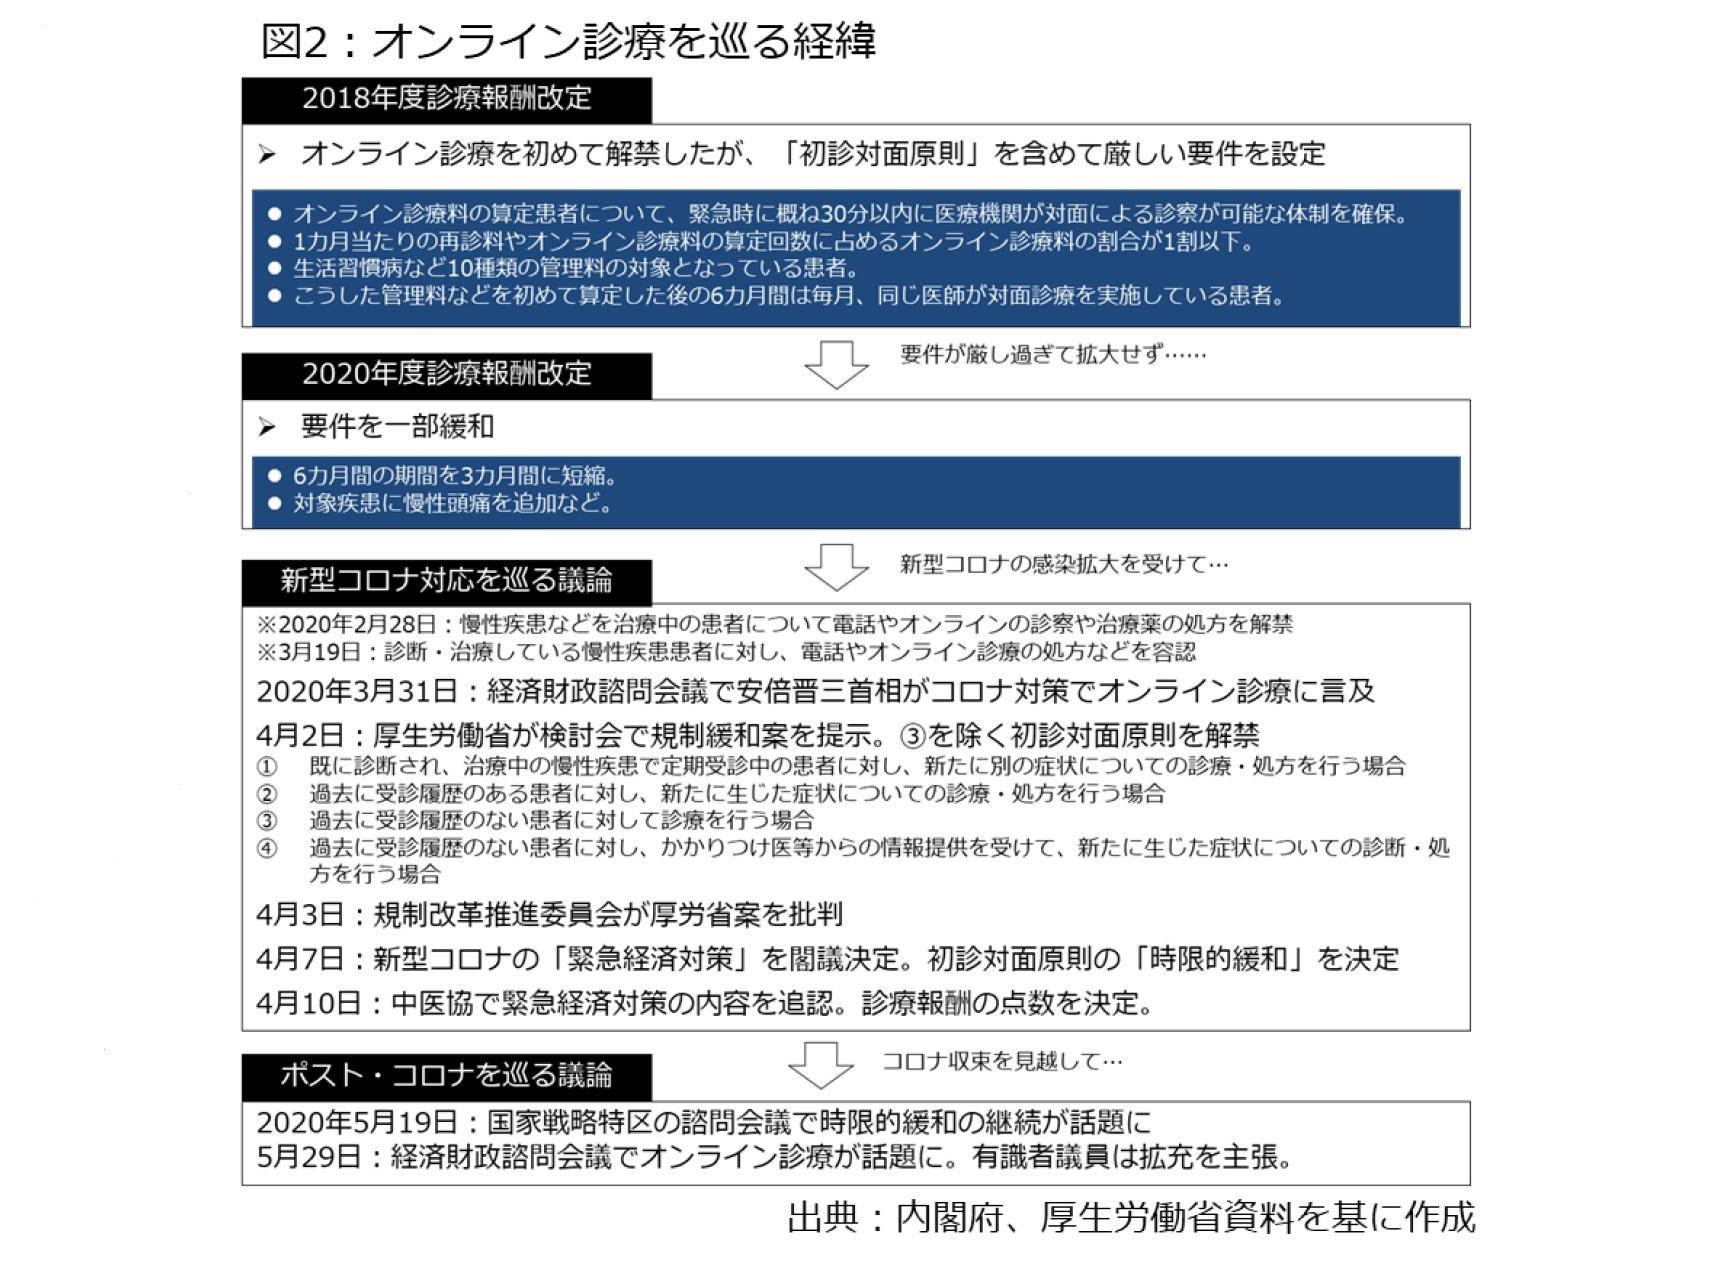 オンライン 診療 リスト